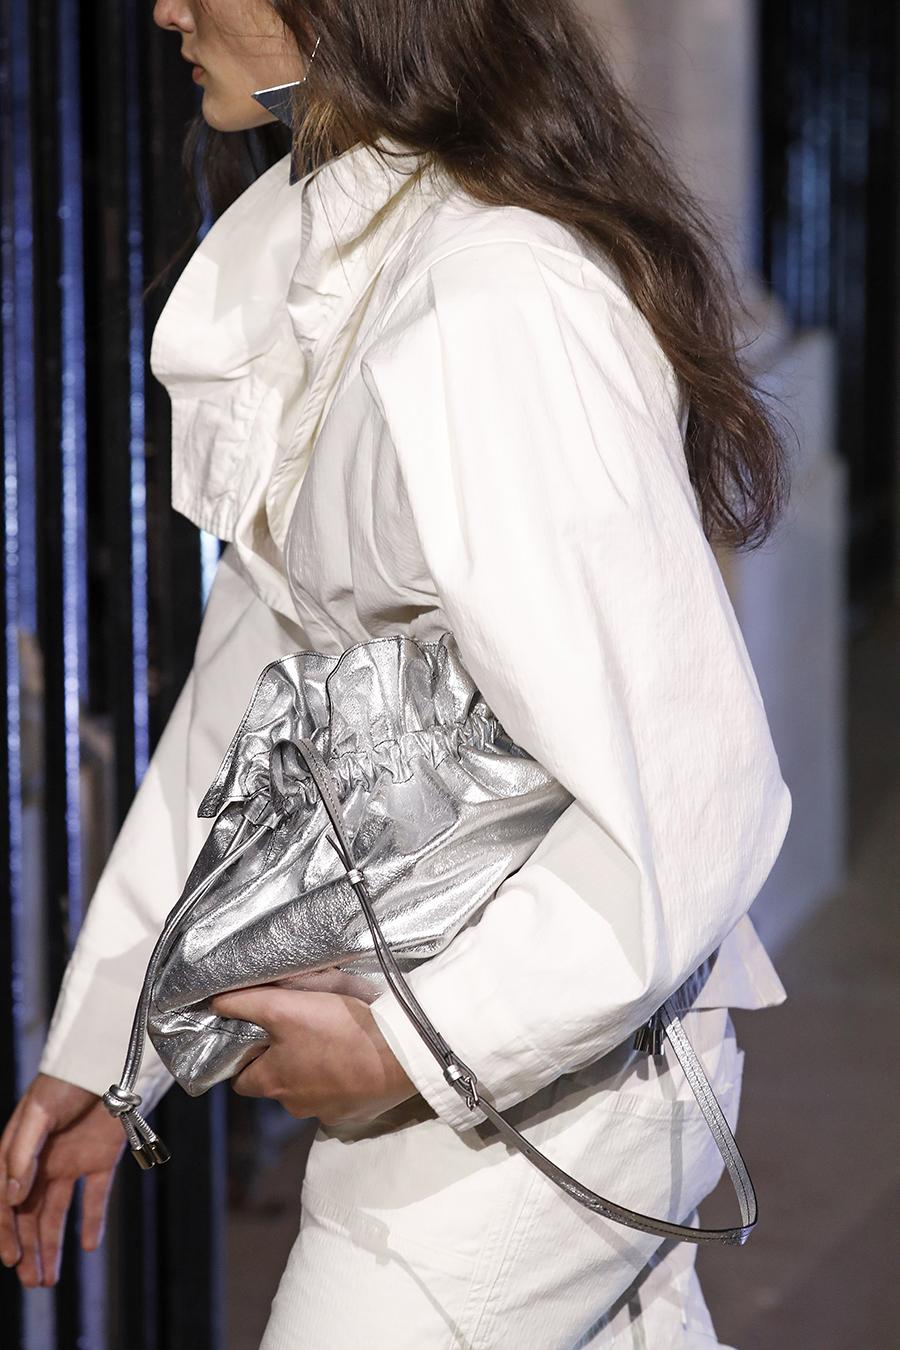 модная женская сумка лето 2021 клатч тоут шоппер пауч на затяжках кожаная серебряная блестящая